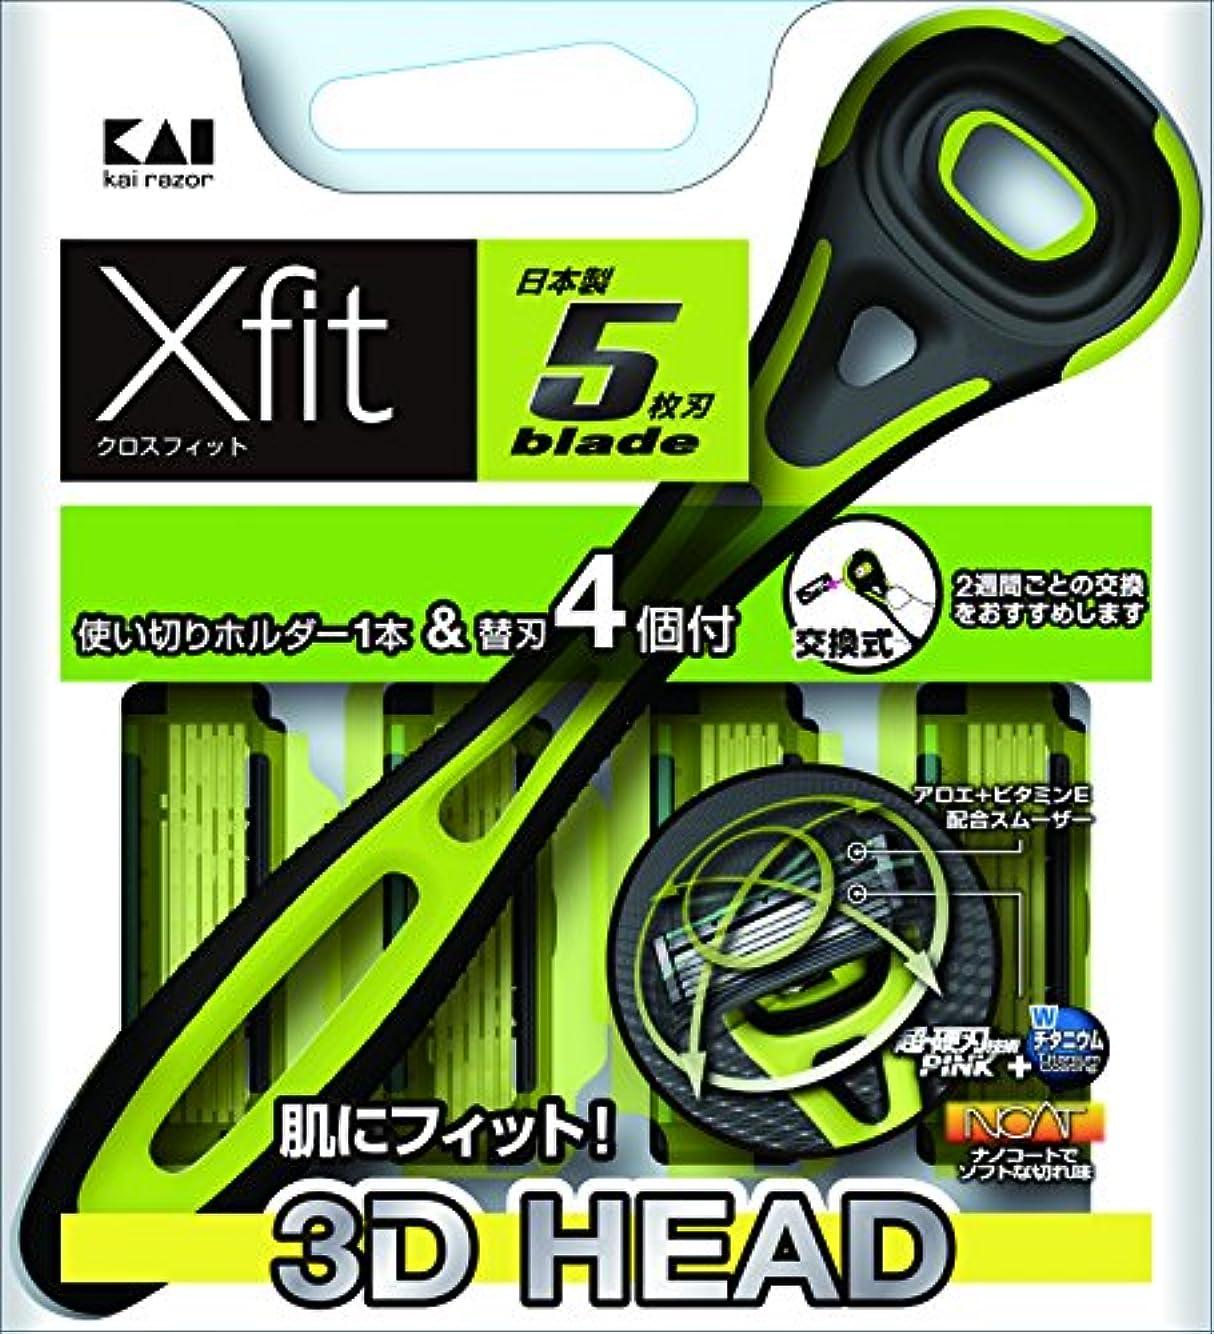 破壊楽しむ似ているXfit(クロスフィット)5枚刃 クリアパッケージ 使い切りホルダー+替刃4個